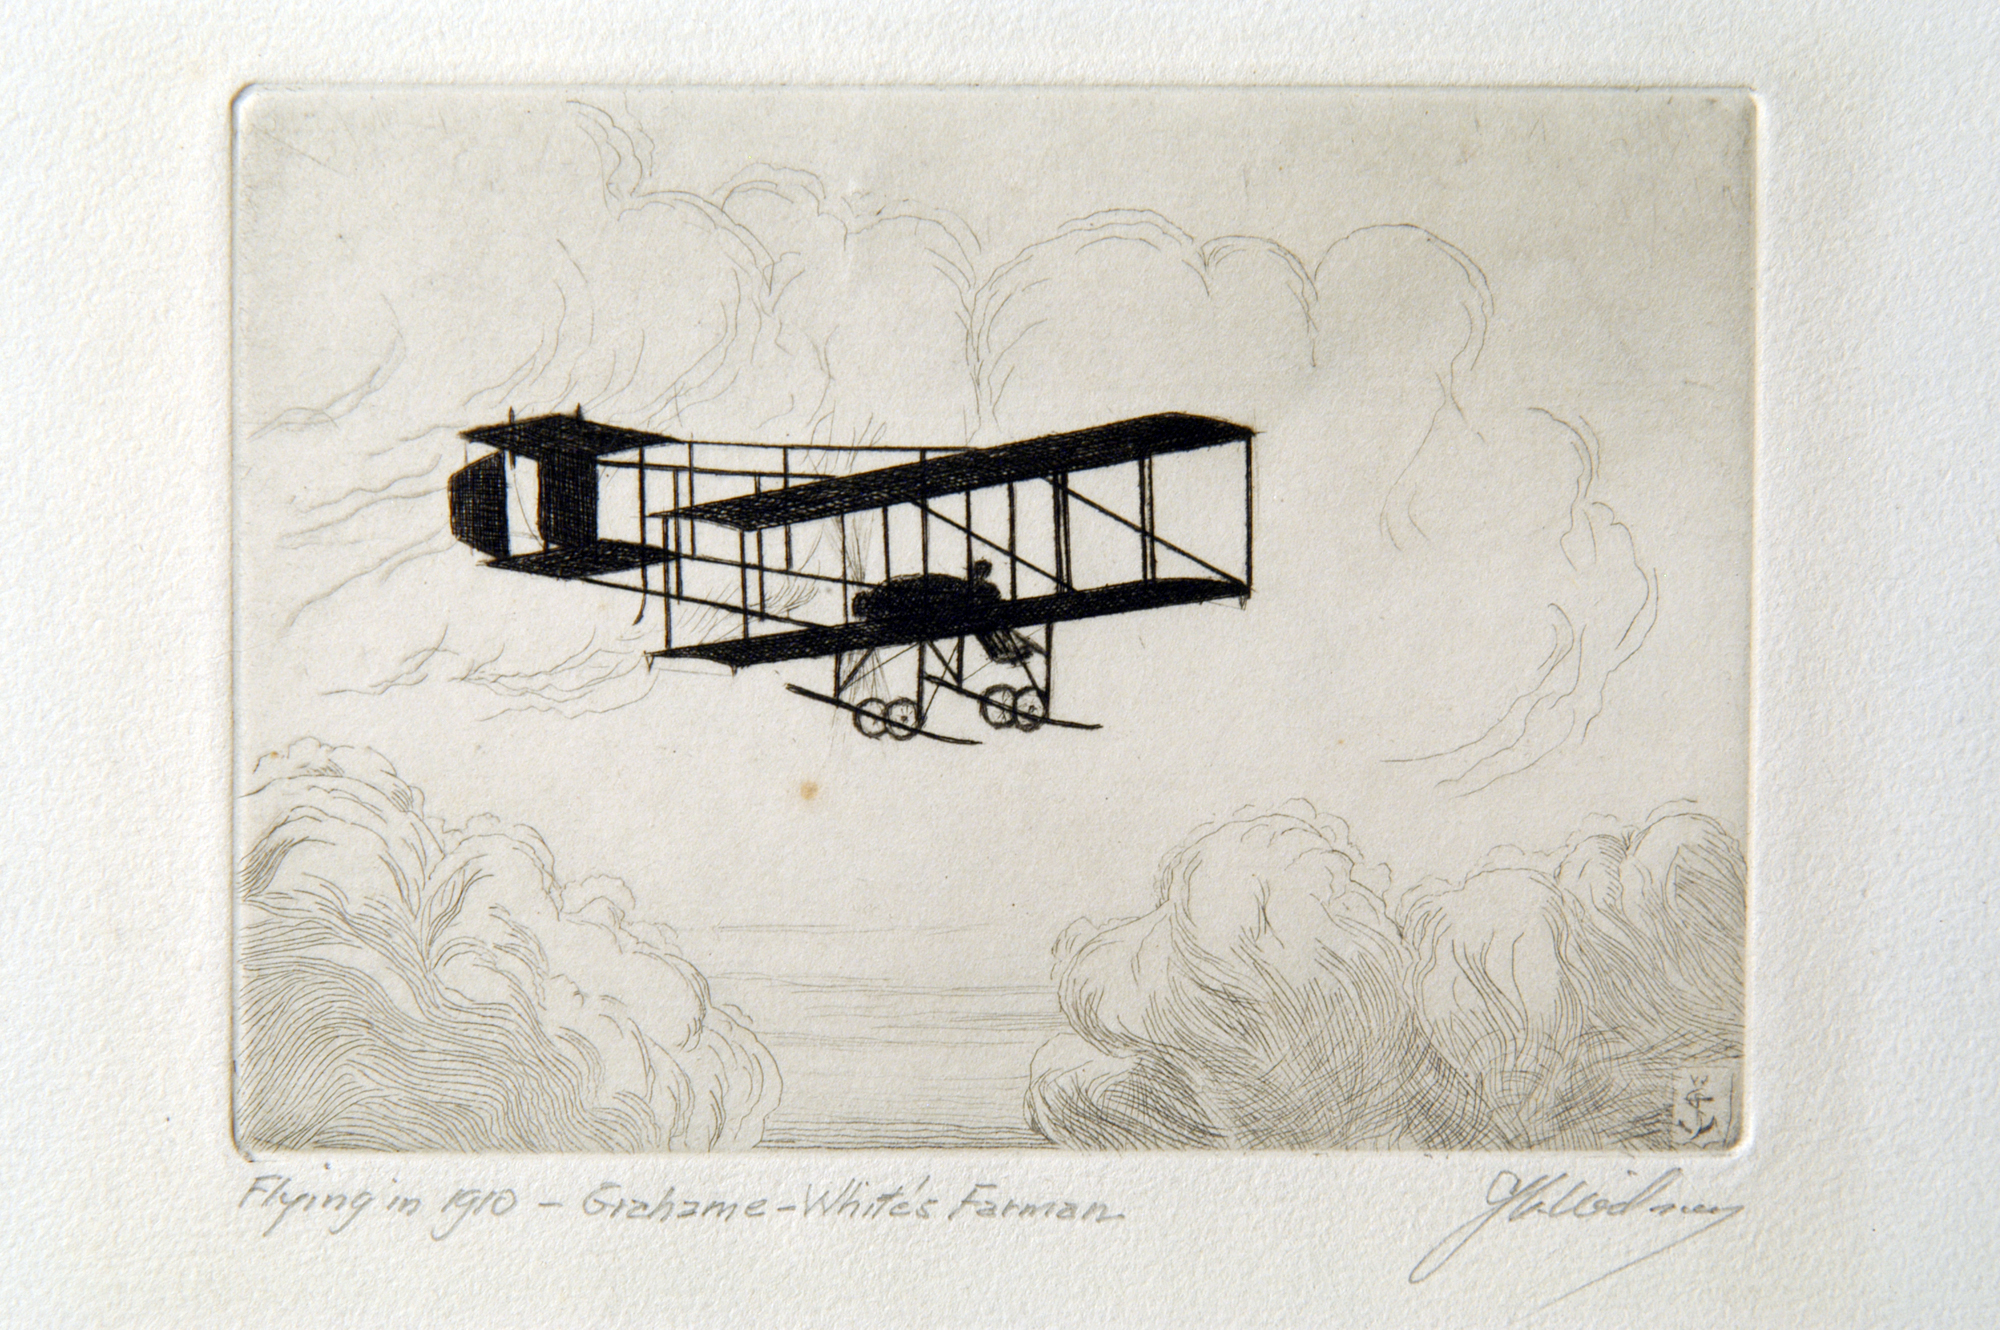 Flying in 1910 - Graham-White's Farman